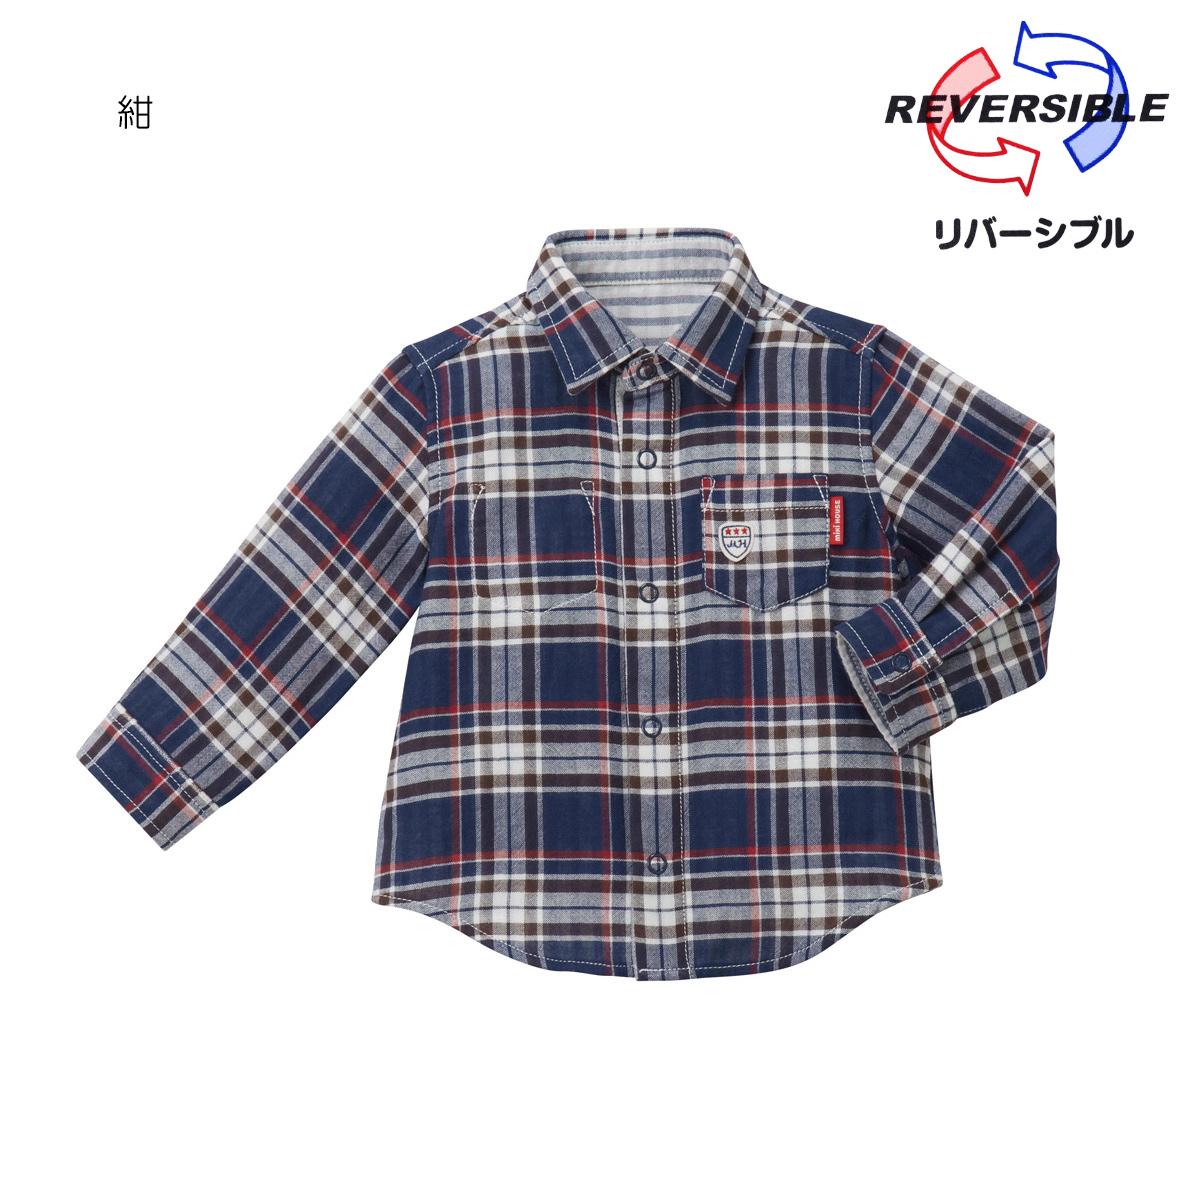 ミキハウス mikihouse 二重織ガーゼ素材のリバーシブルチェックシャツ(110cm・120cm・130cm・140cm) バーゲン